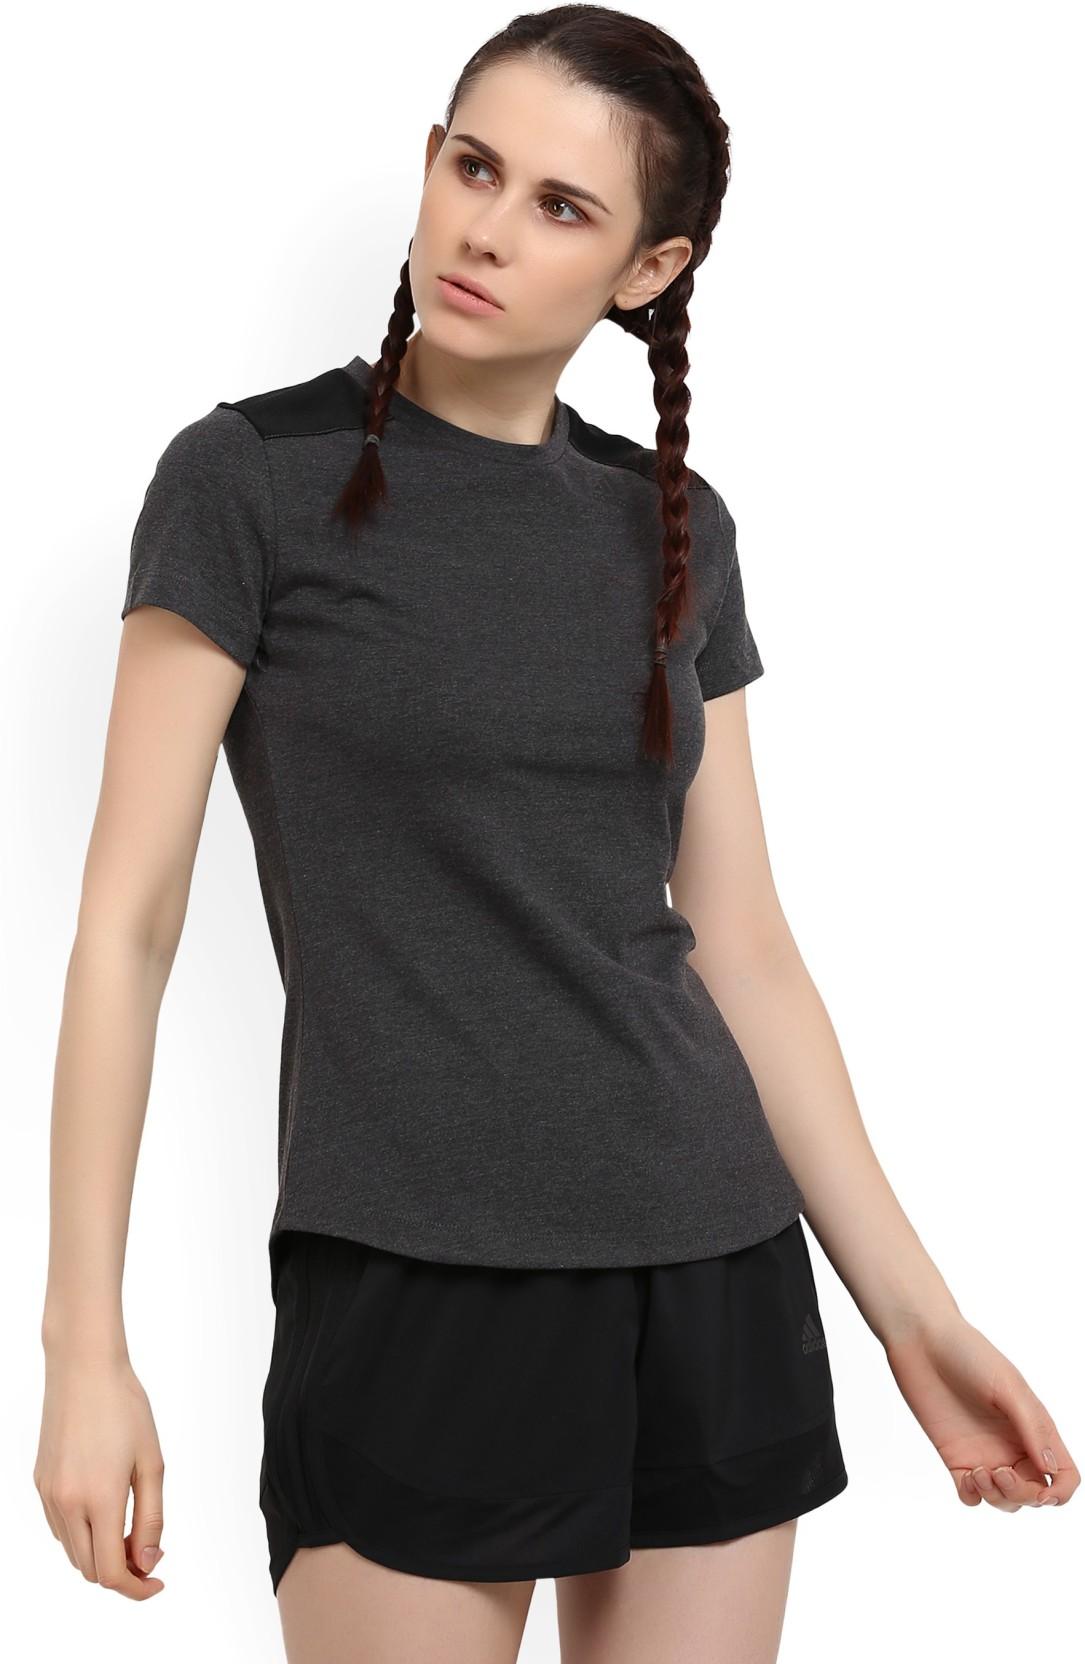 Sweatshirt Adidas Buy Sweatshirt Buy India Adidas Online aZwxtxq0